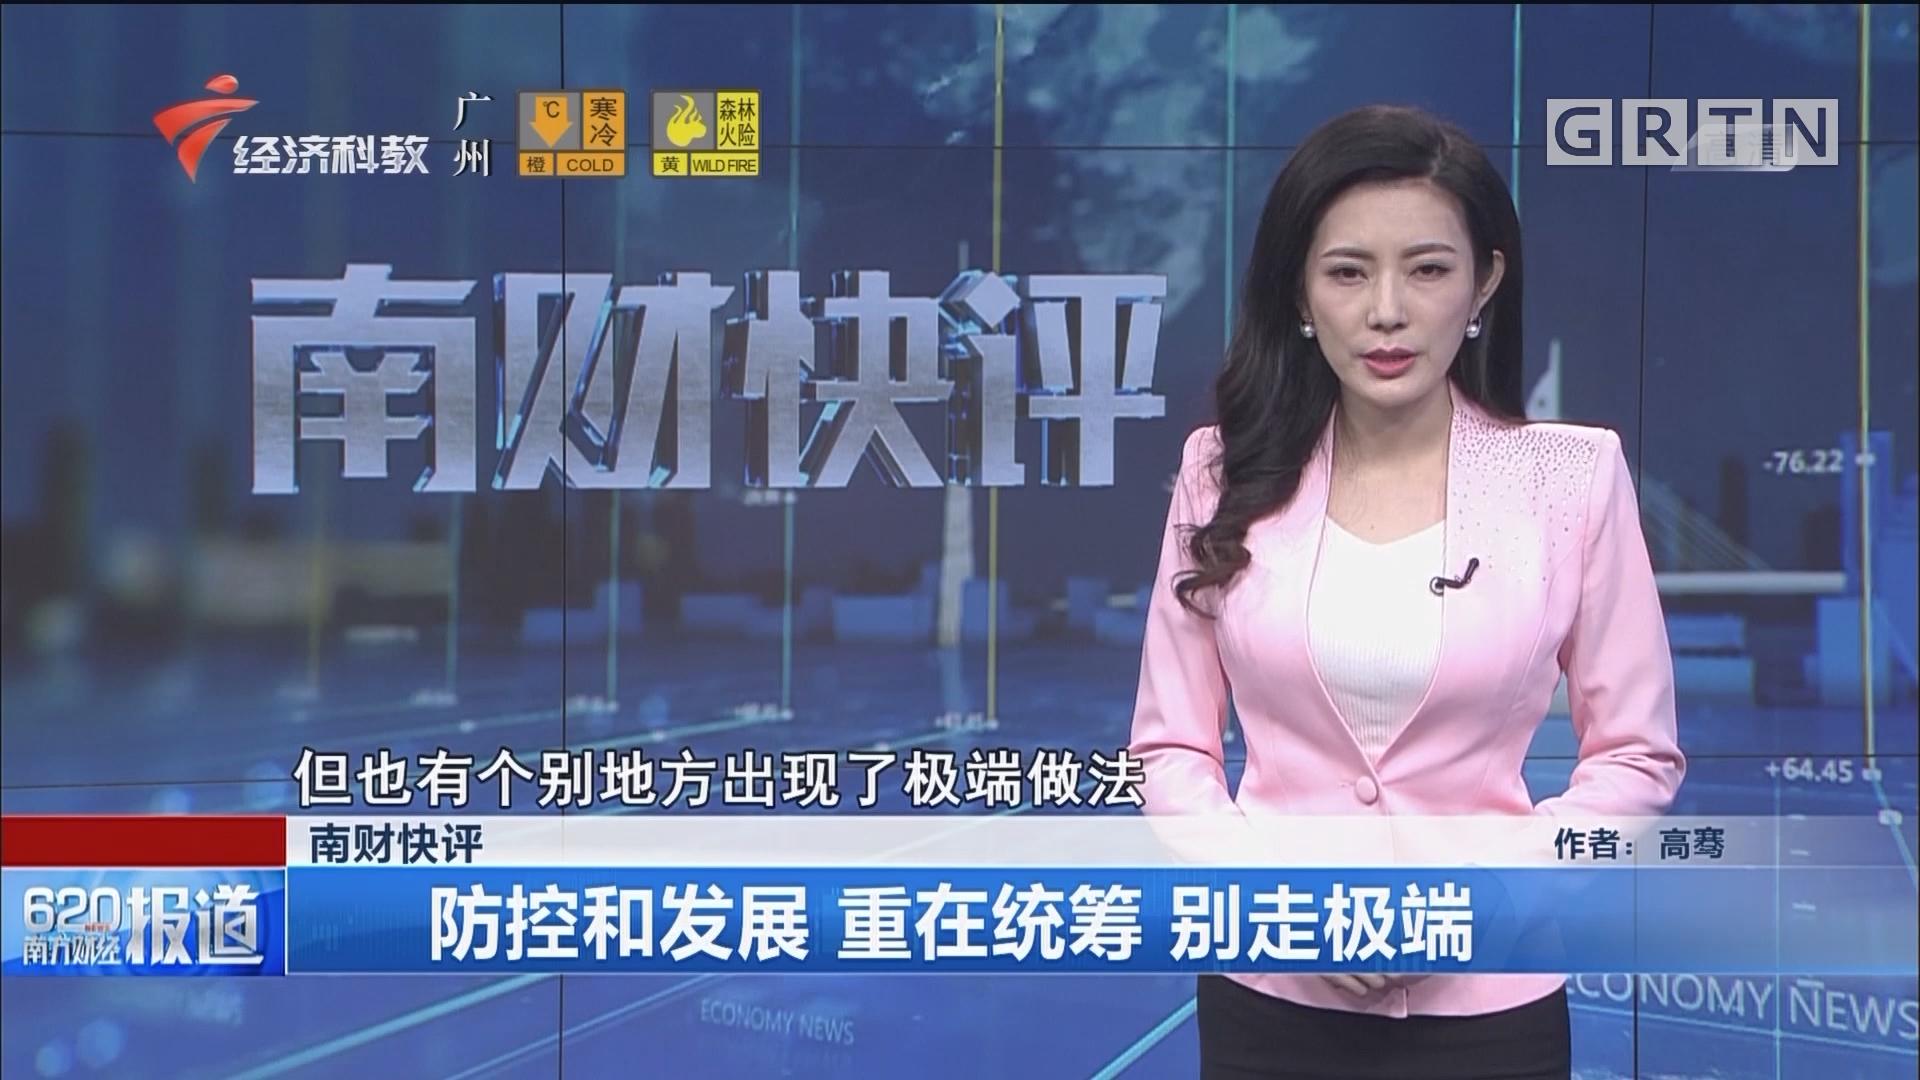 南财快评:防控和发展 重在统筹 别走极端